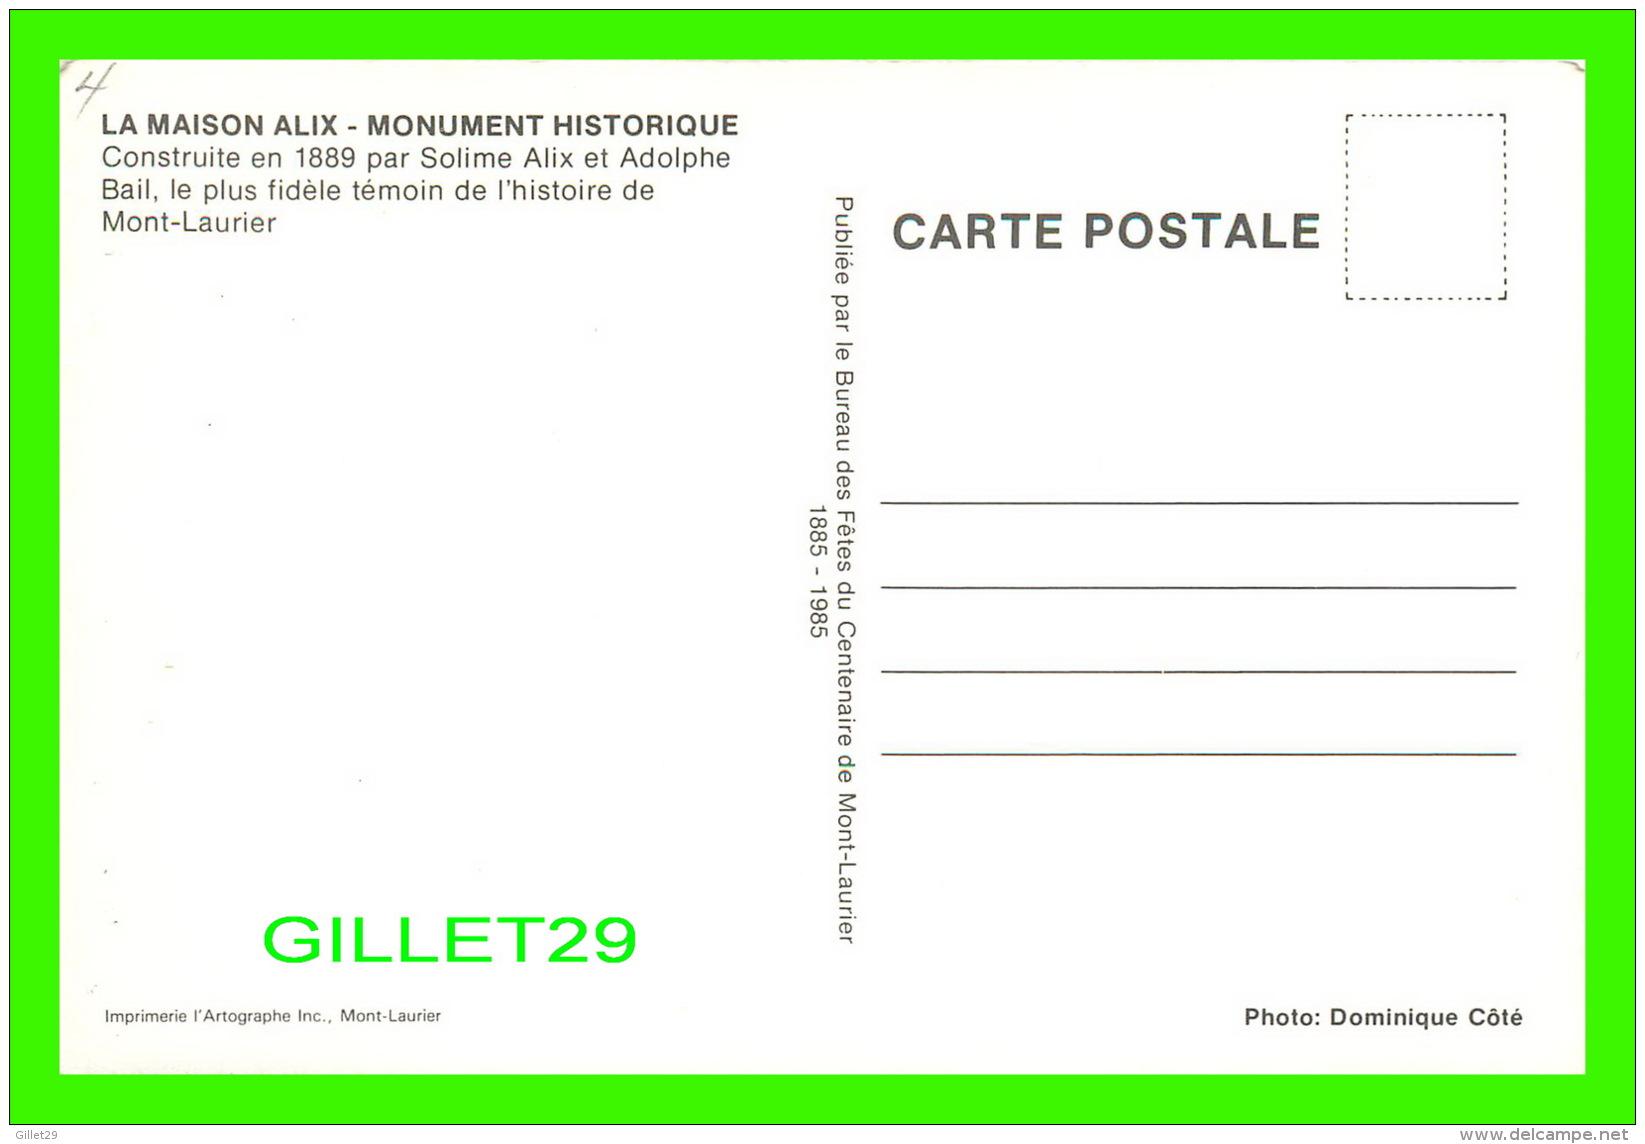 MONT-LAURIER, QUÉBEC - LA MAISON ALIX, MONUMENT HISTORIQUE 1885-1985 - - Quebec